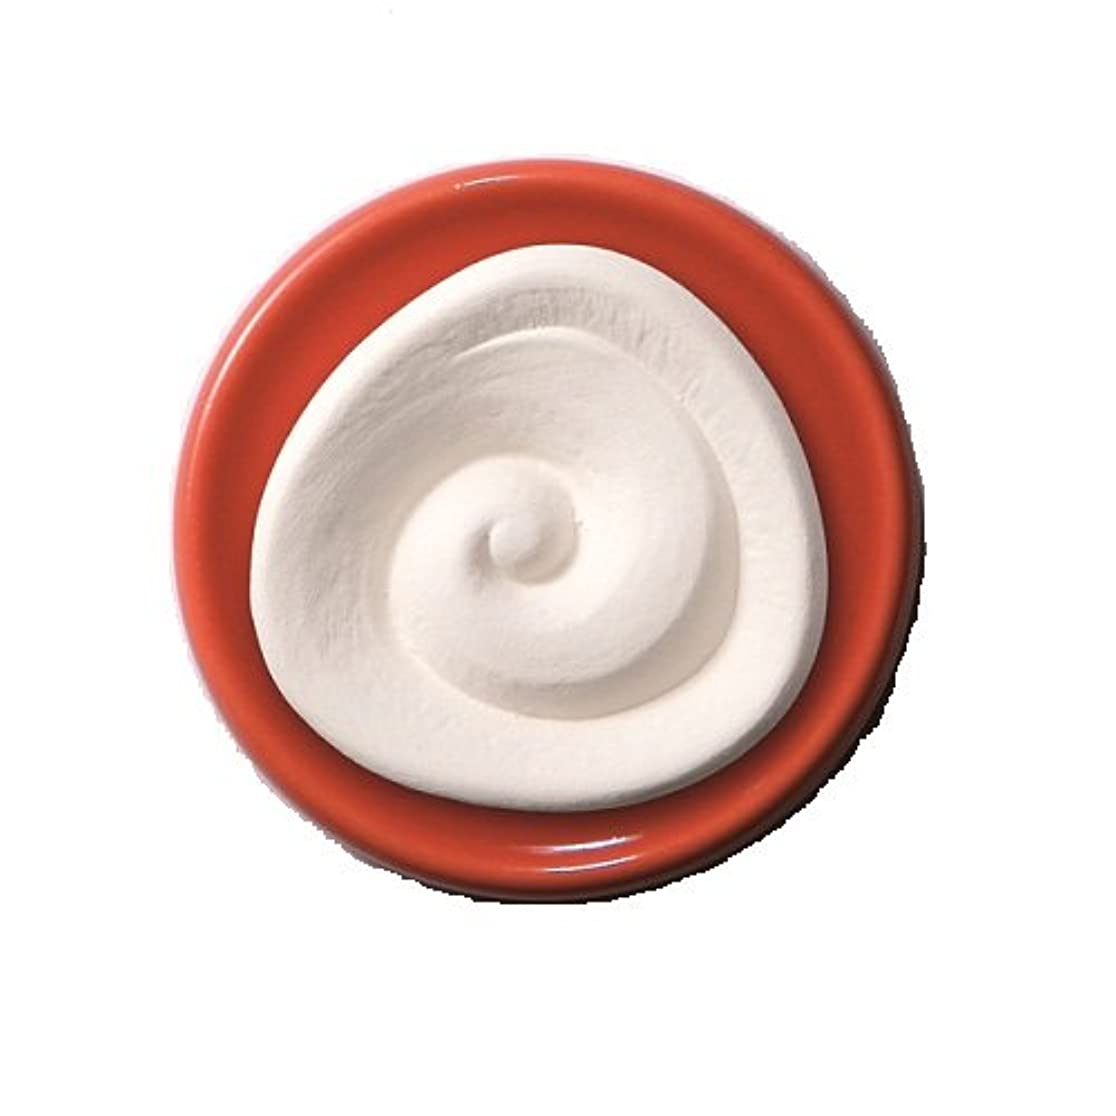 独裁ミント過剰Neumond(ノイモンド)香りの小皿 スパイラル